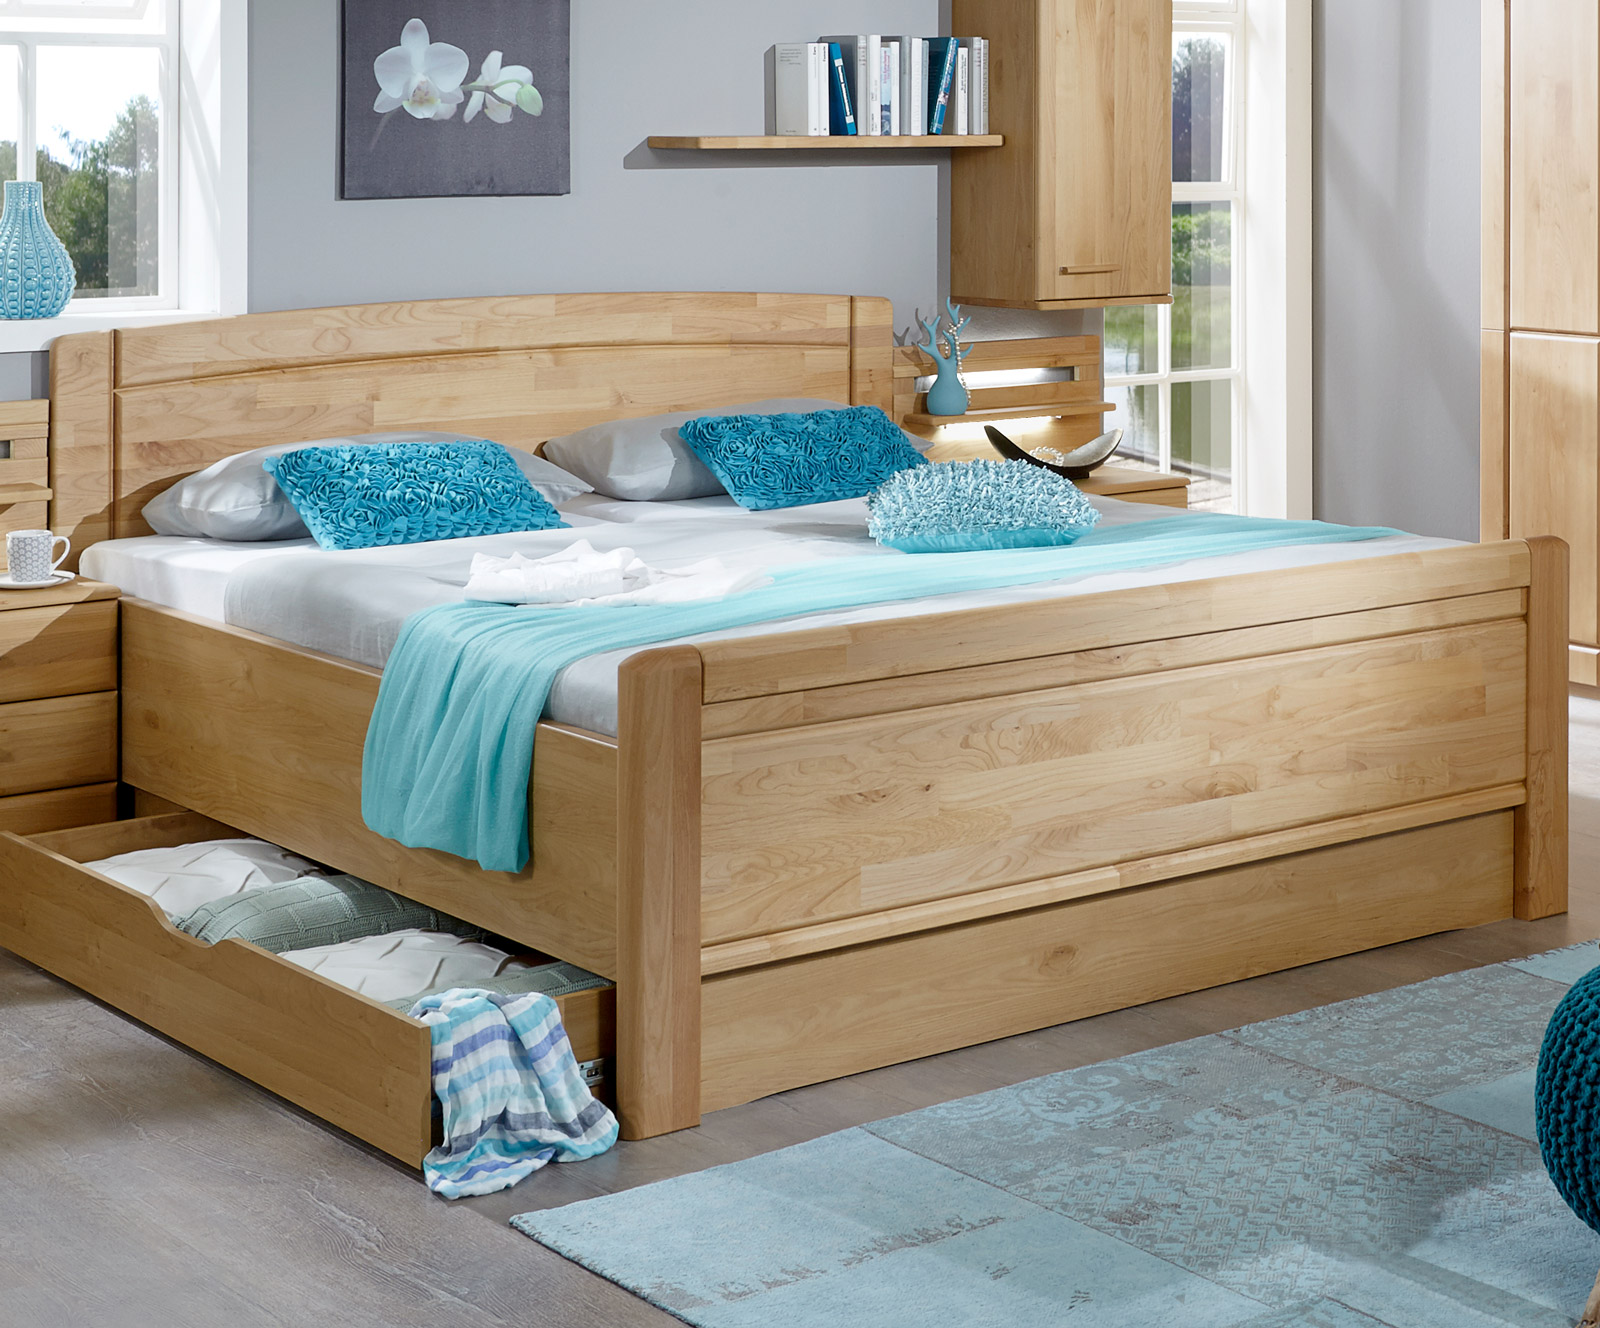 Bett im Landhausstil aus Erle, wählbare Bettschublade - Trikomo